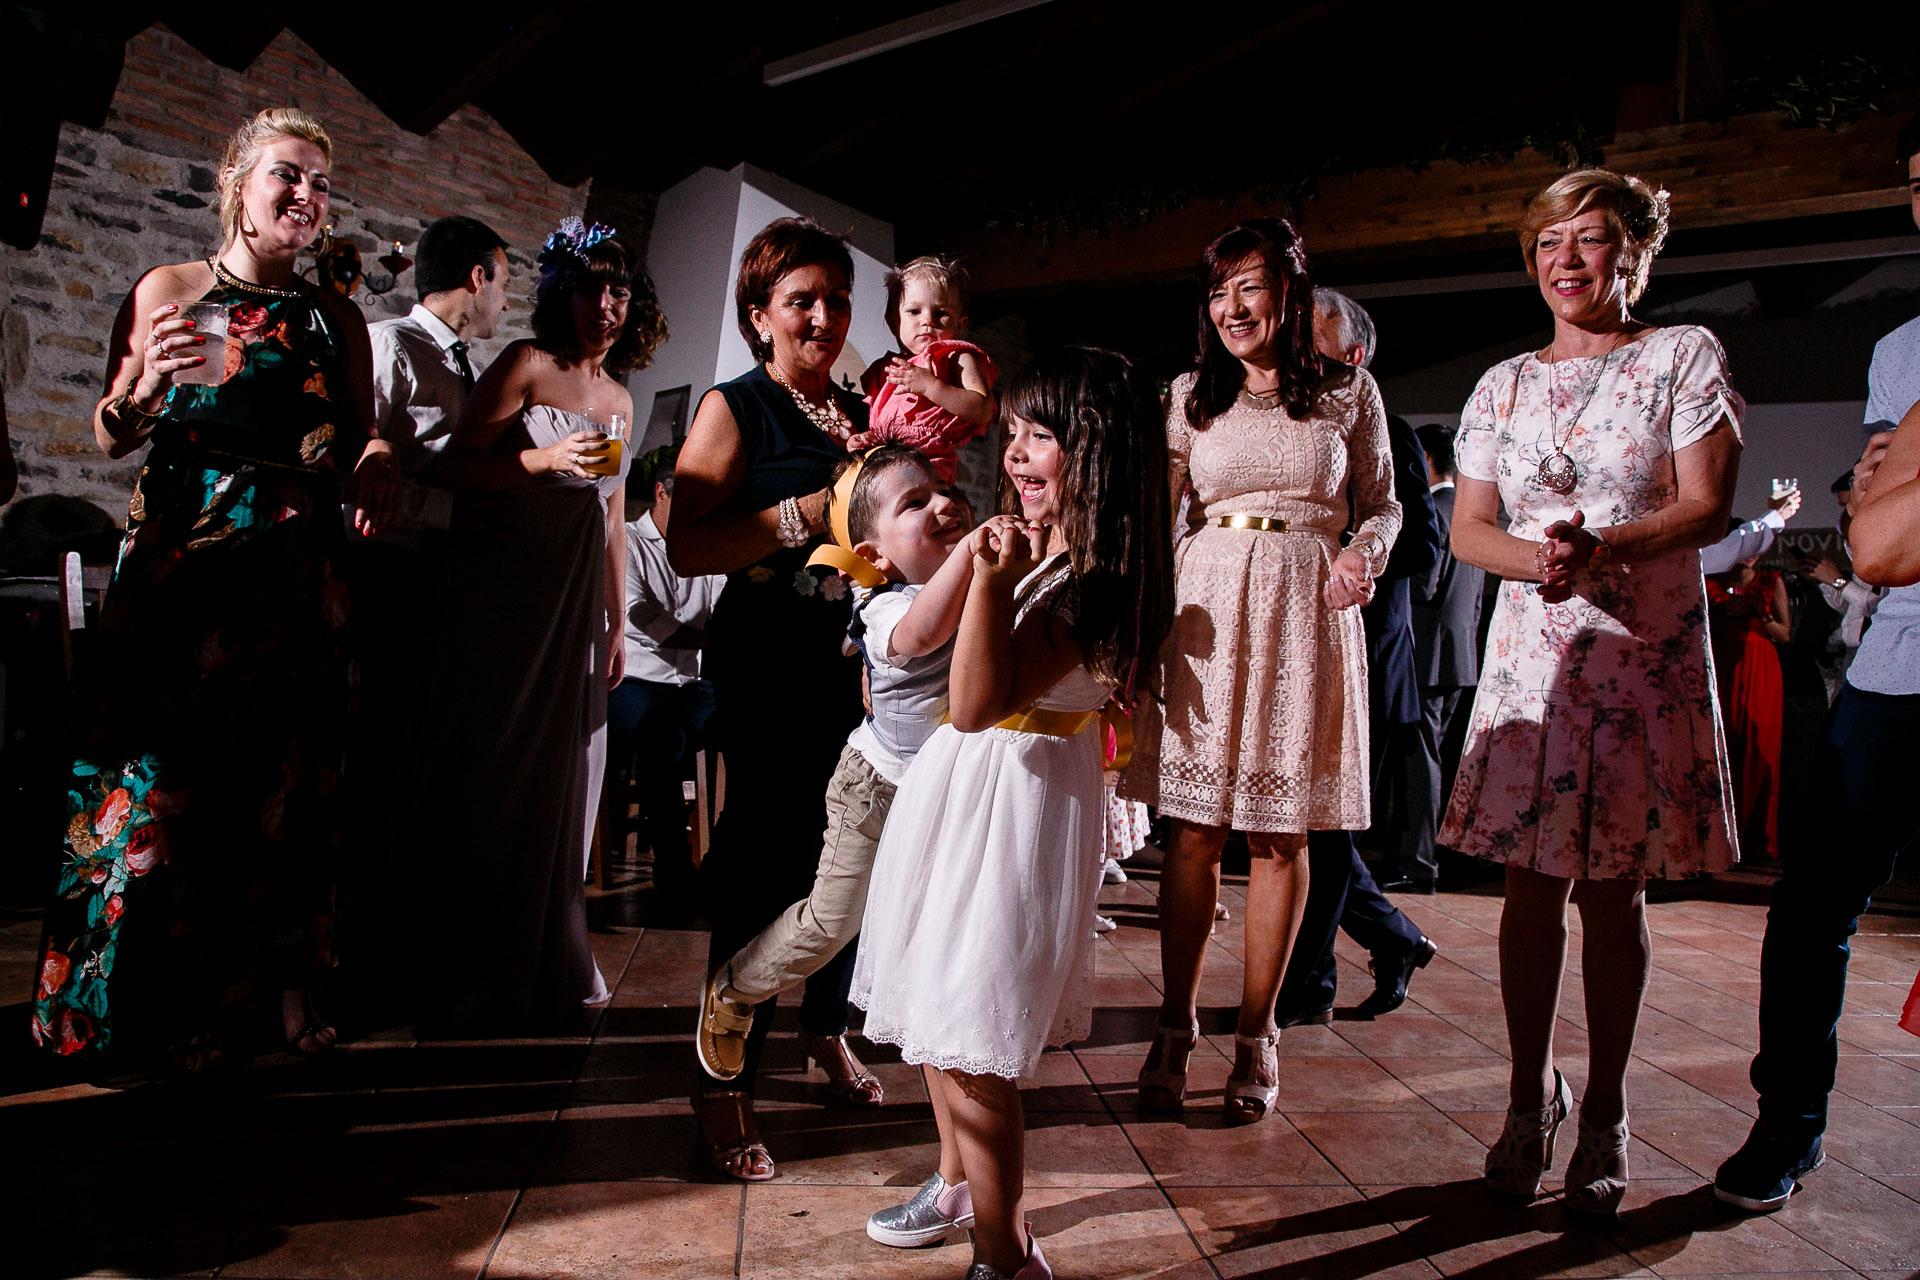 fotografo boda vitoria 194550